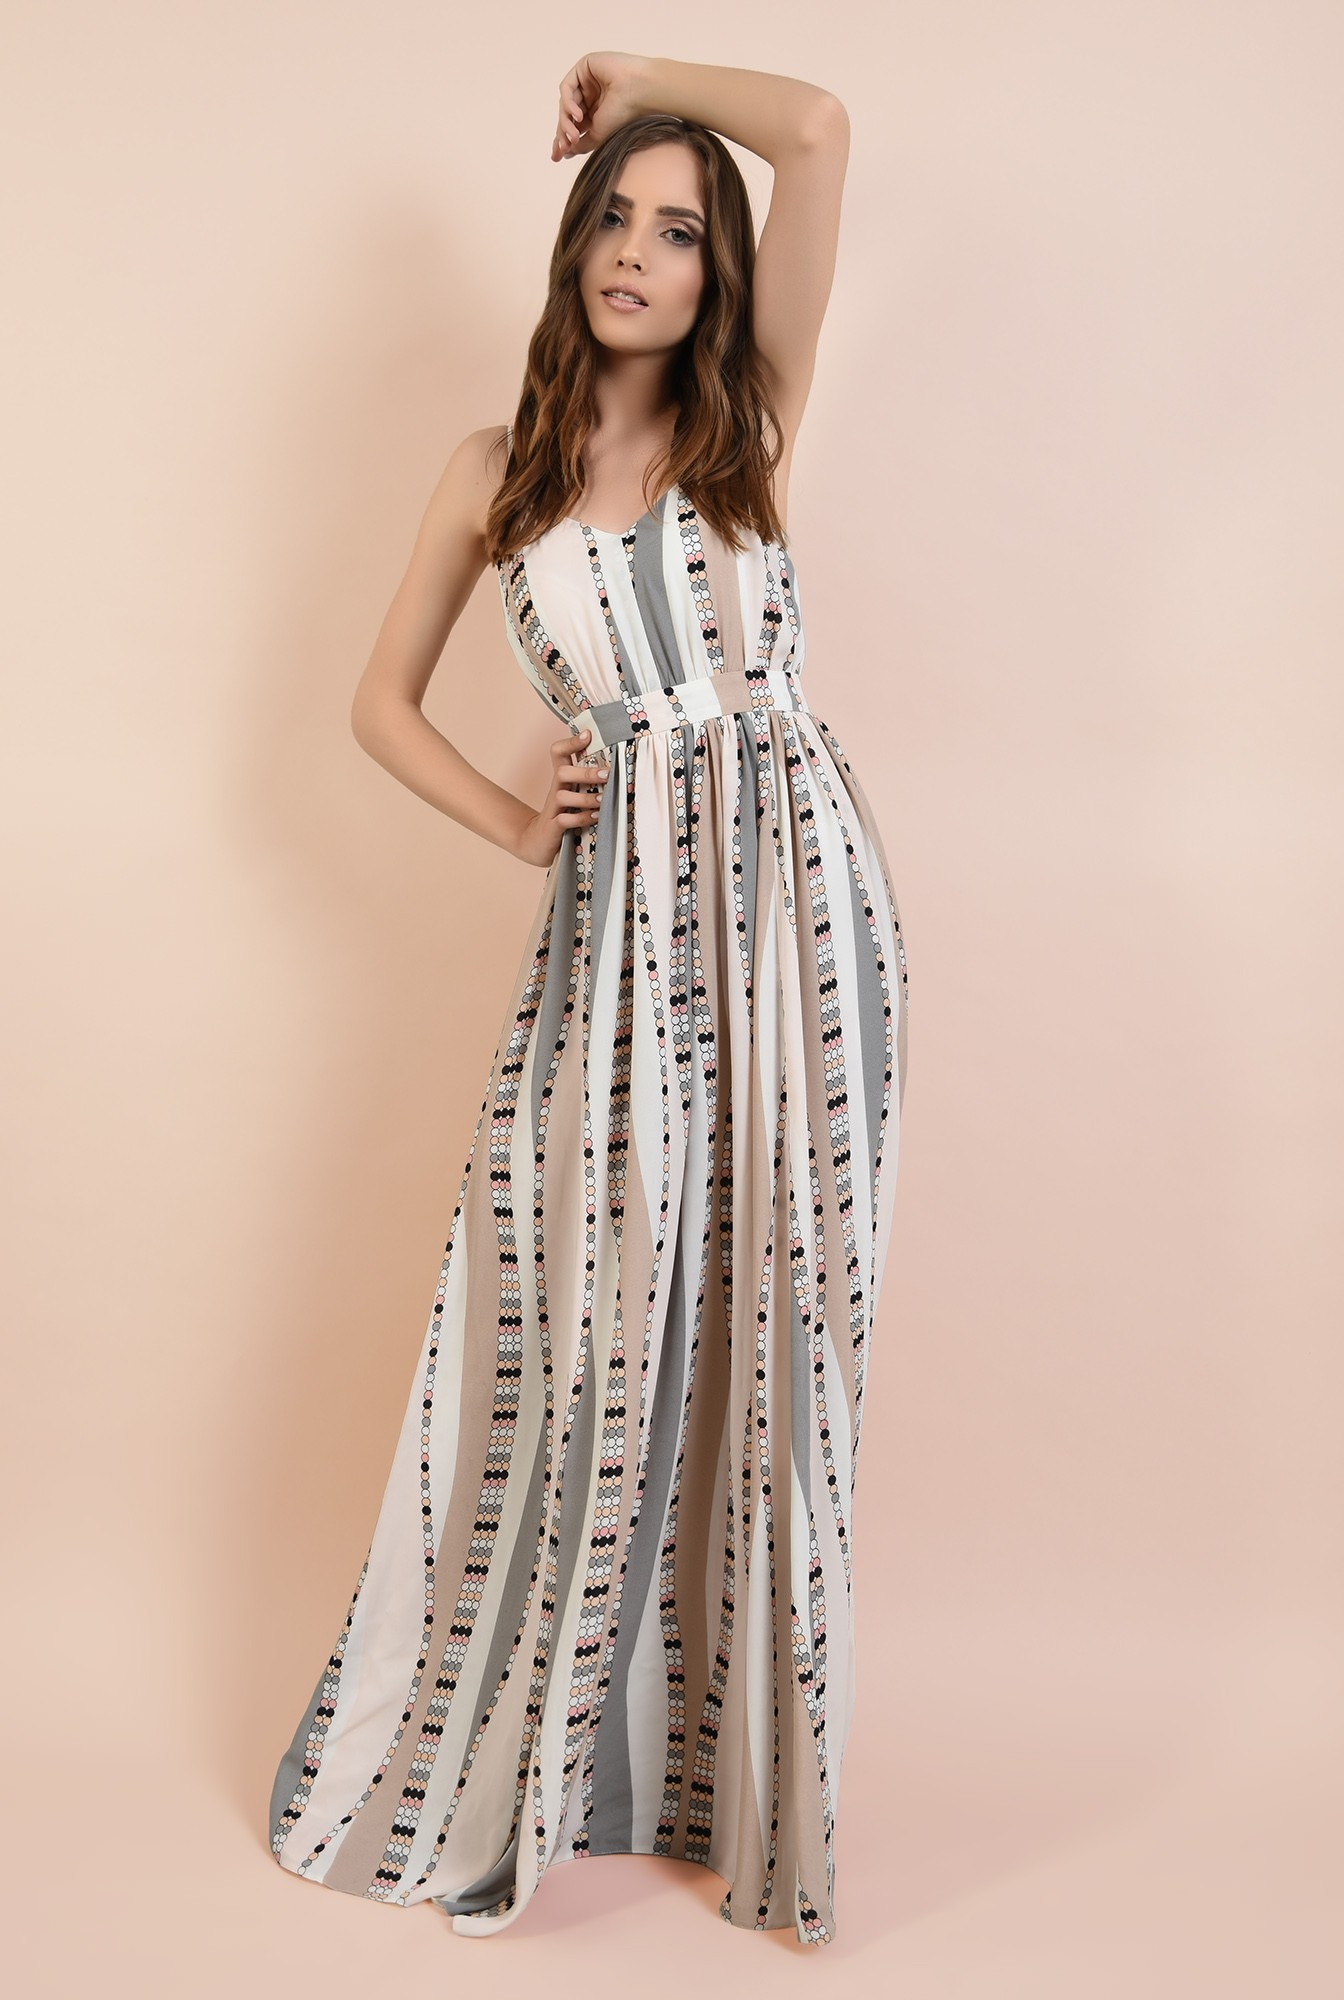 3 - 360 - rochie de ocazie, lunga, cu bretele, croi evazat, talie cu betelie, Poema